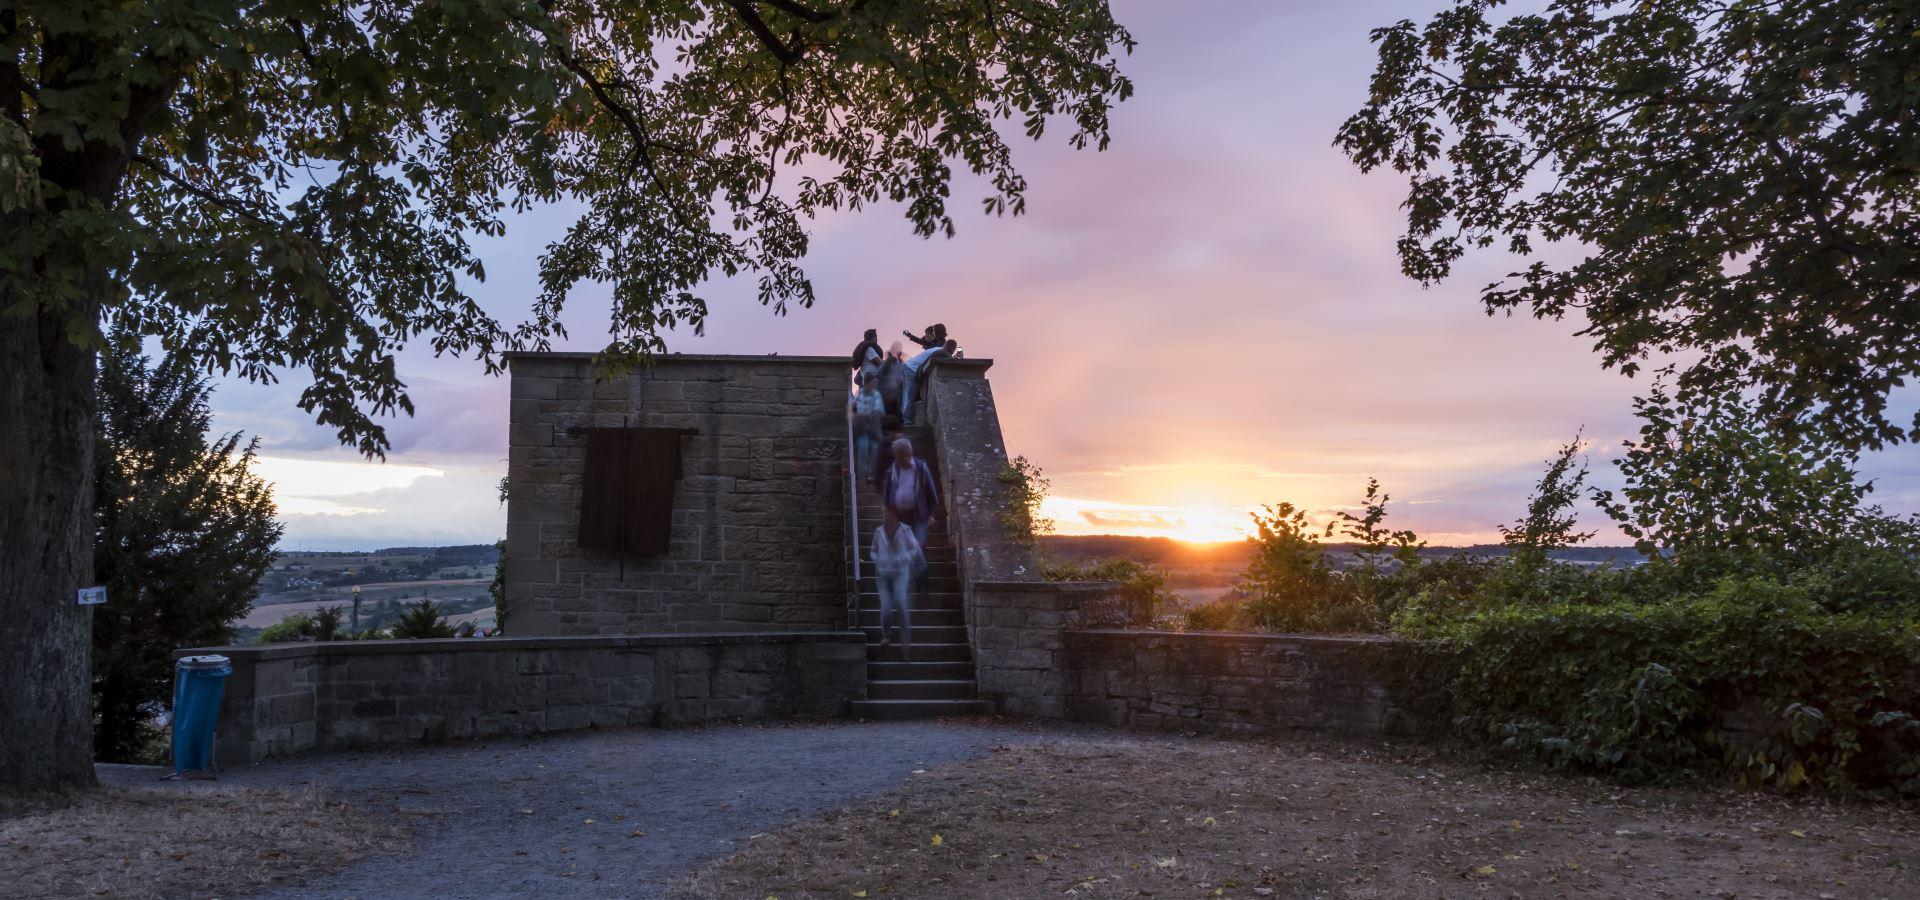 Aussichtsturm Schlossberg im Abendlicht